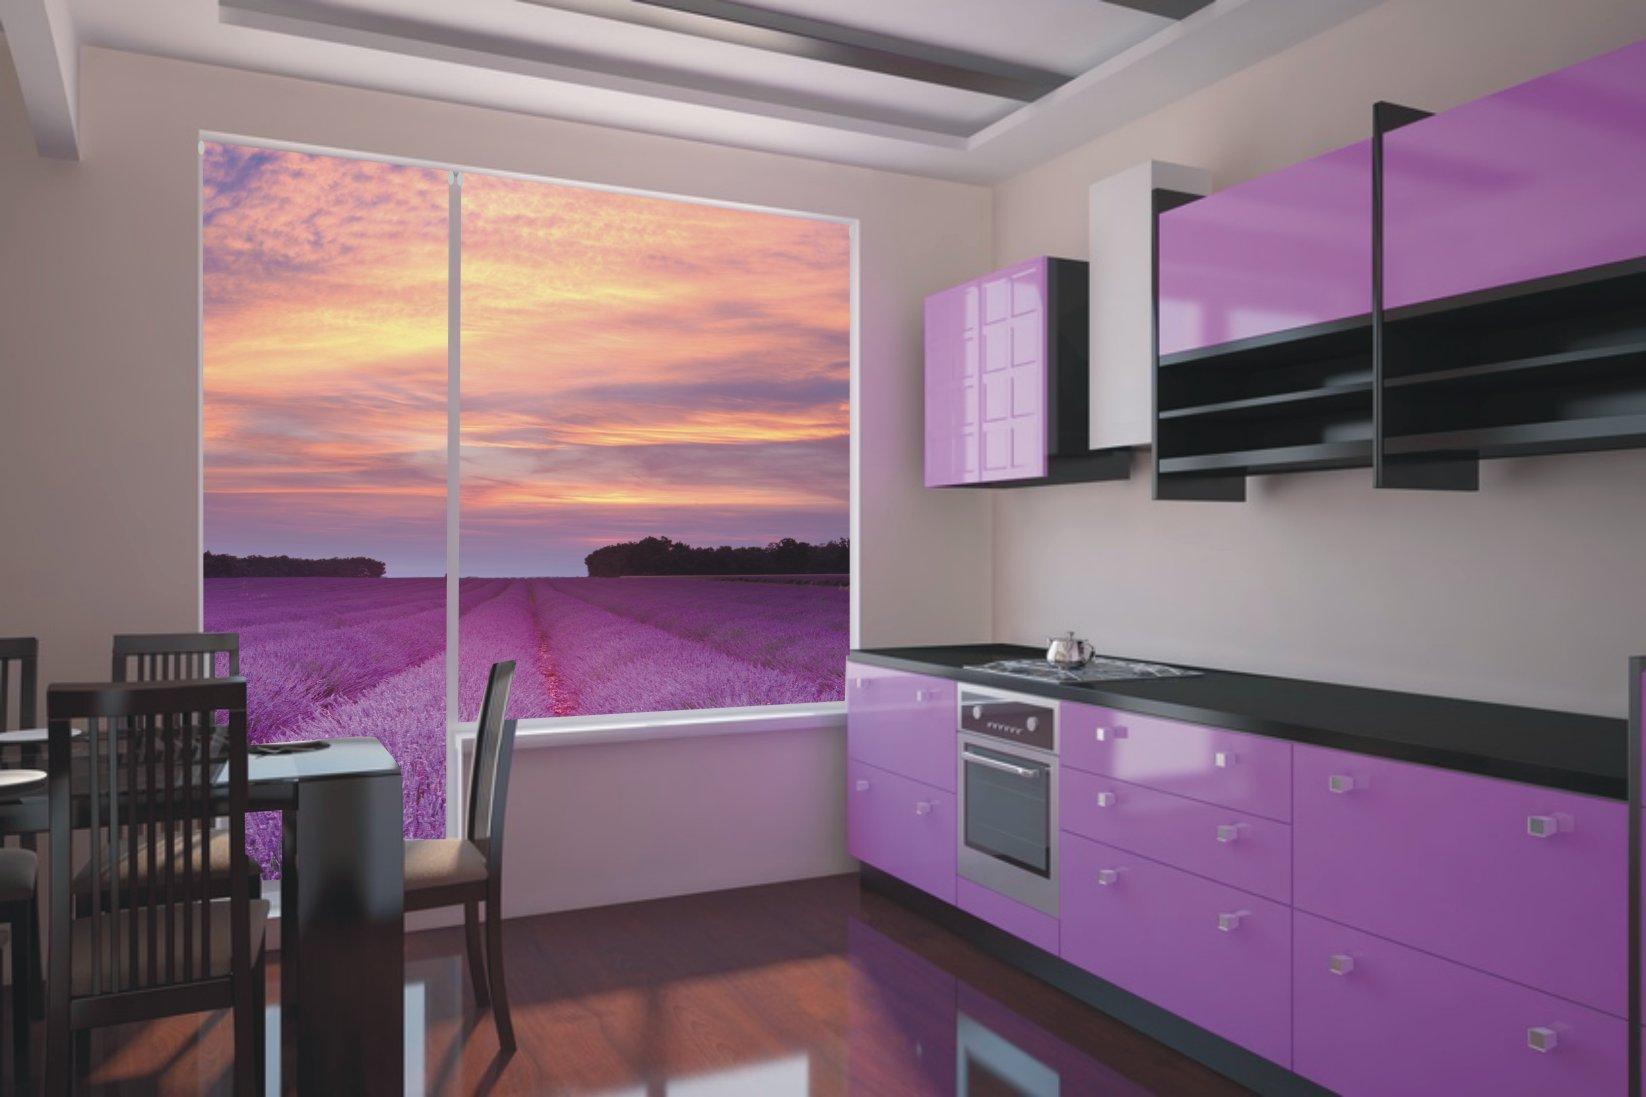 vis kuchnia fiolety11